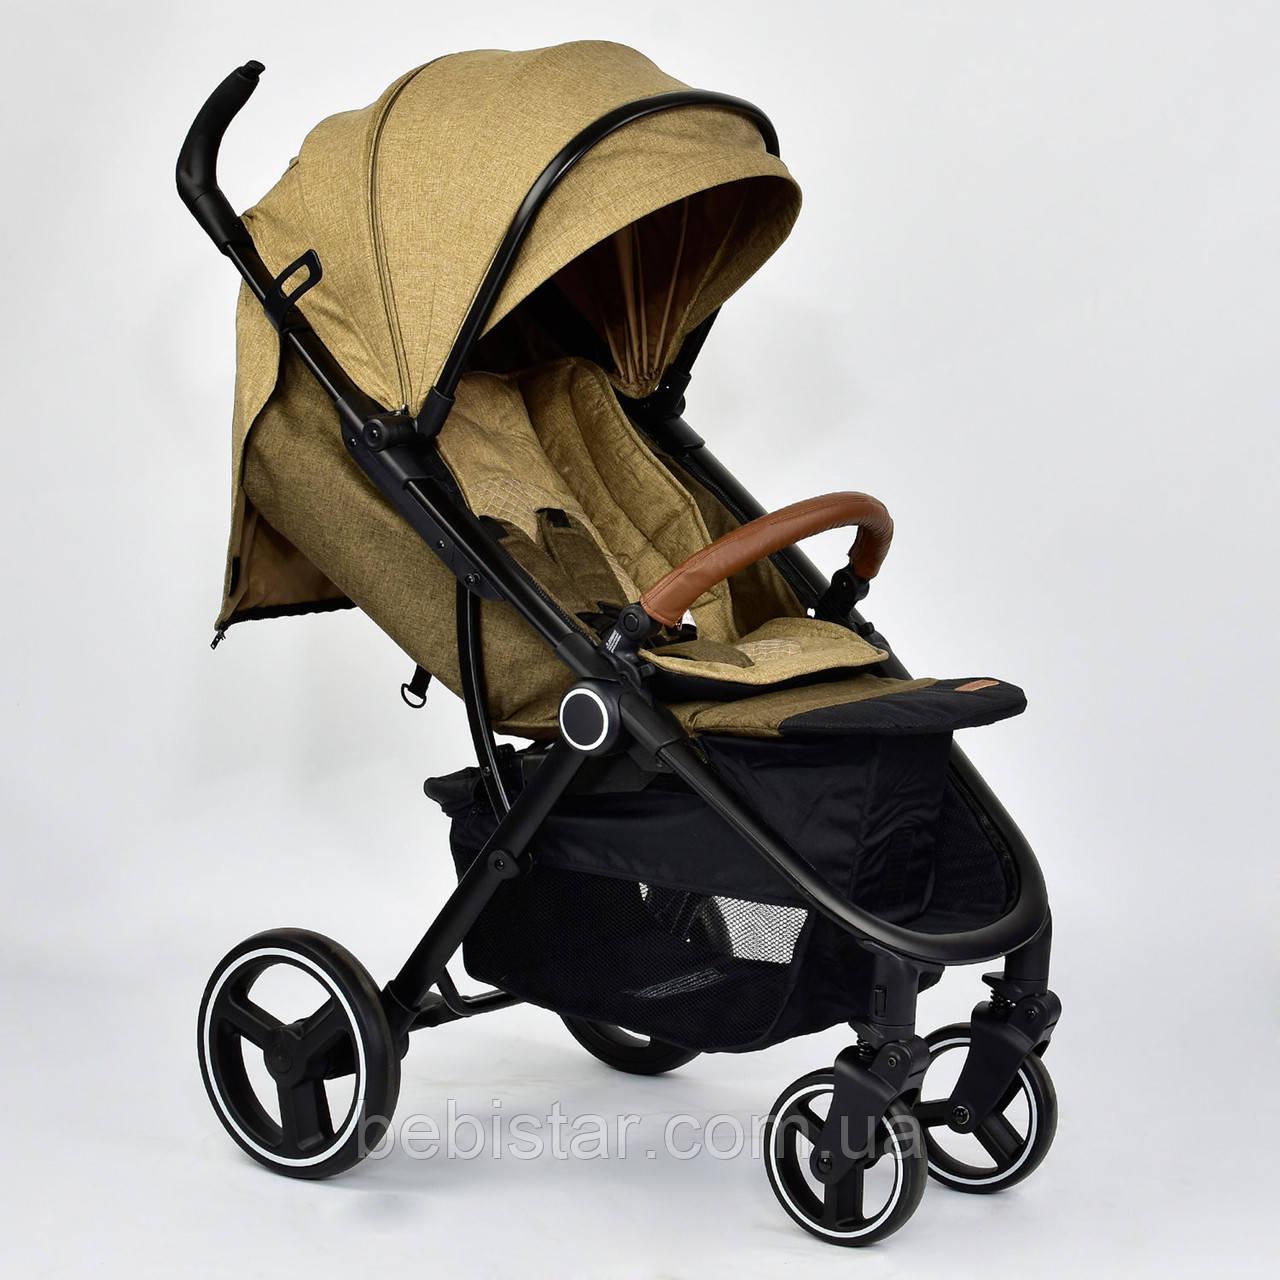 Детская коляска сераяJOY 6883 Coffee деткам до 3 лет